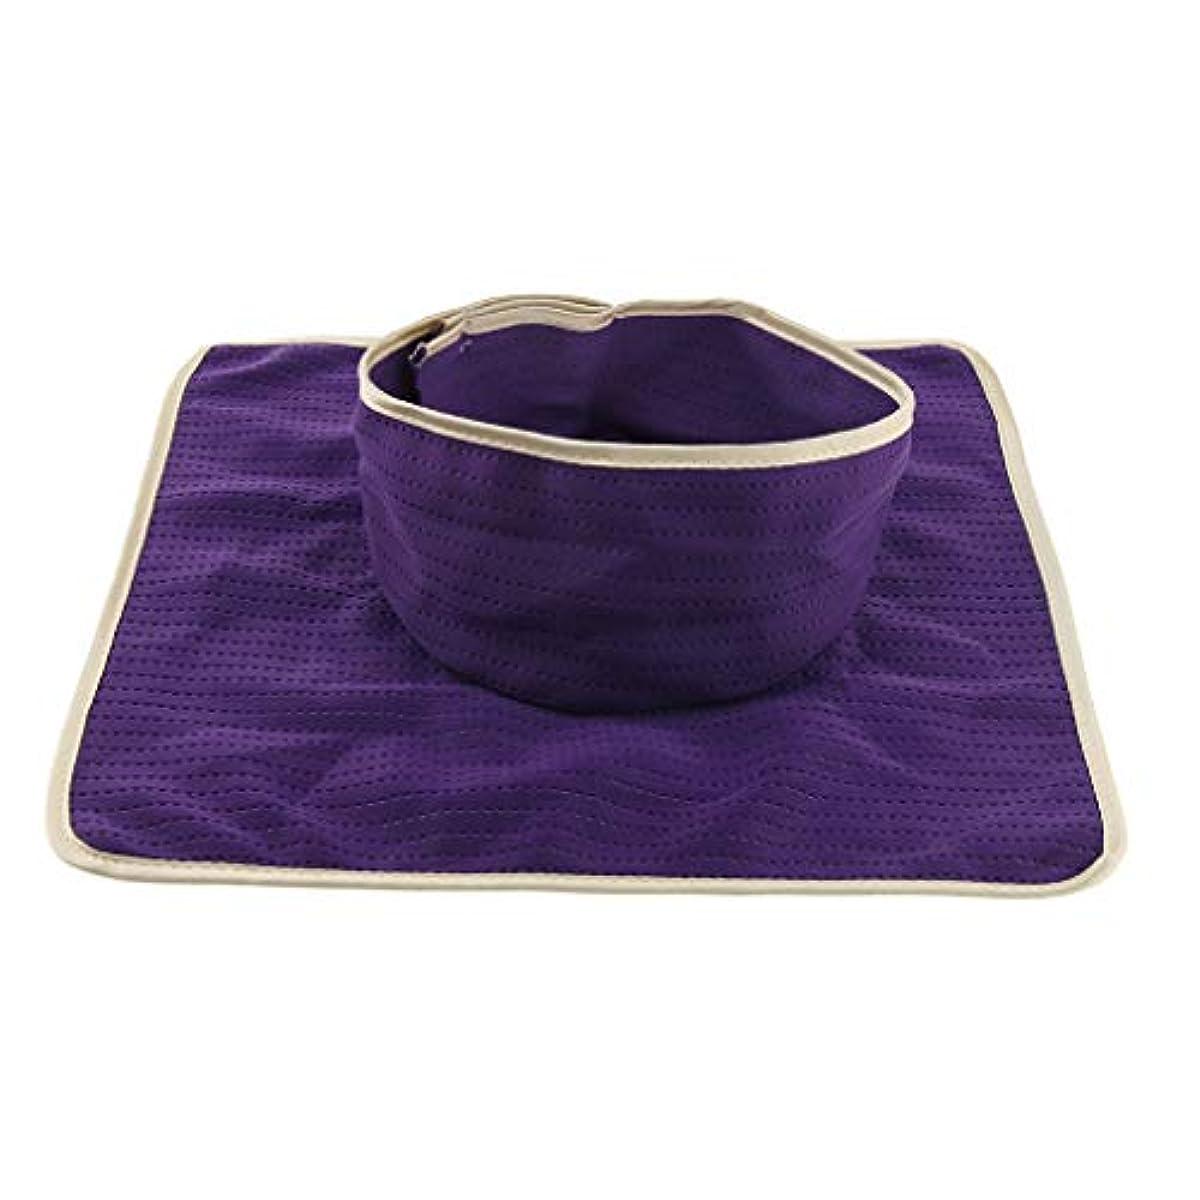 環境に優しいラテン振動するマッサージのベッド用 パッド マットシート 顔の穴付き 洗える 約35×35cm 全3色 - 紫